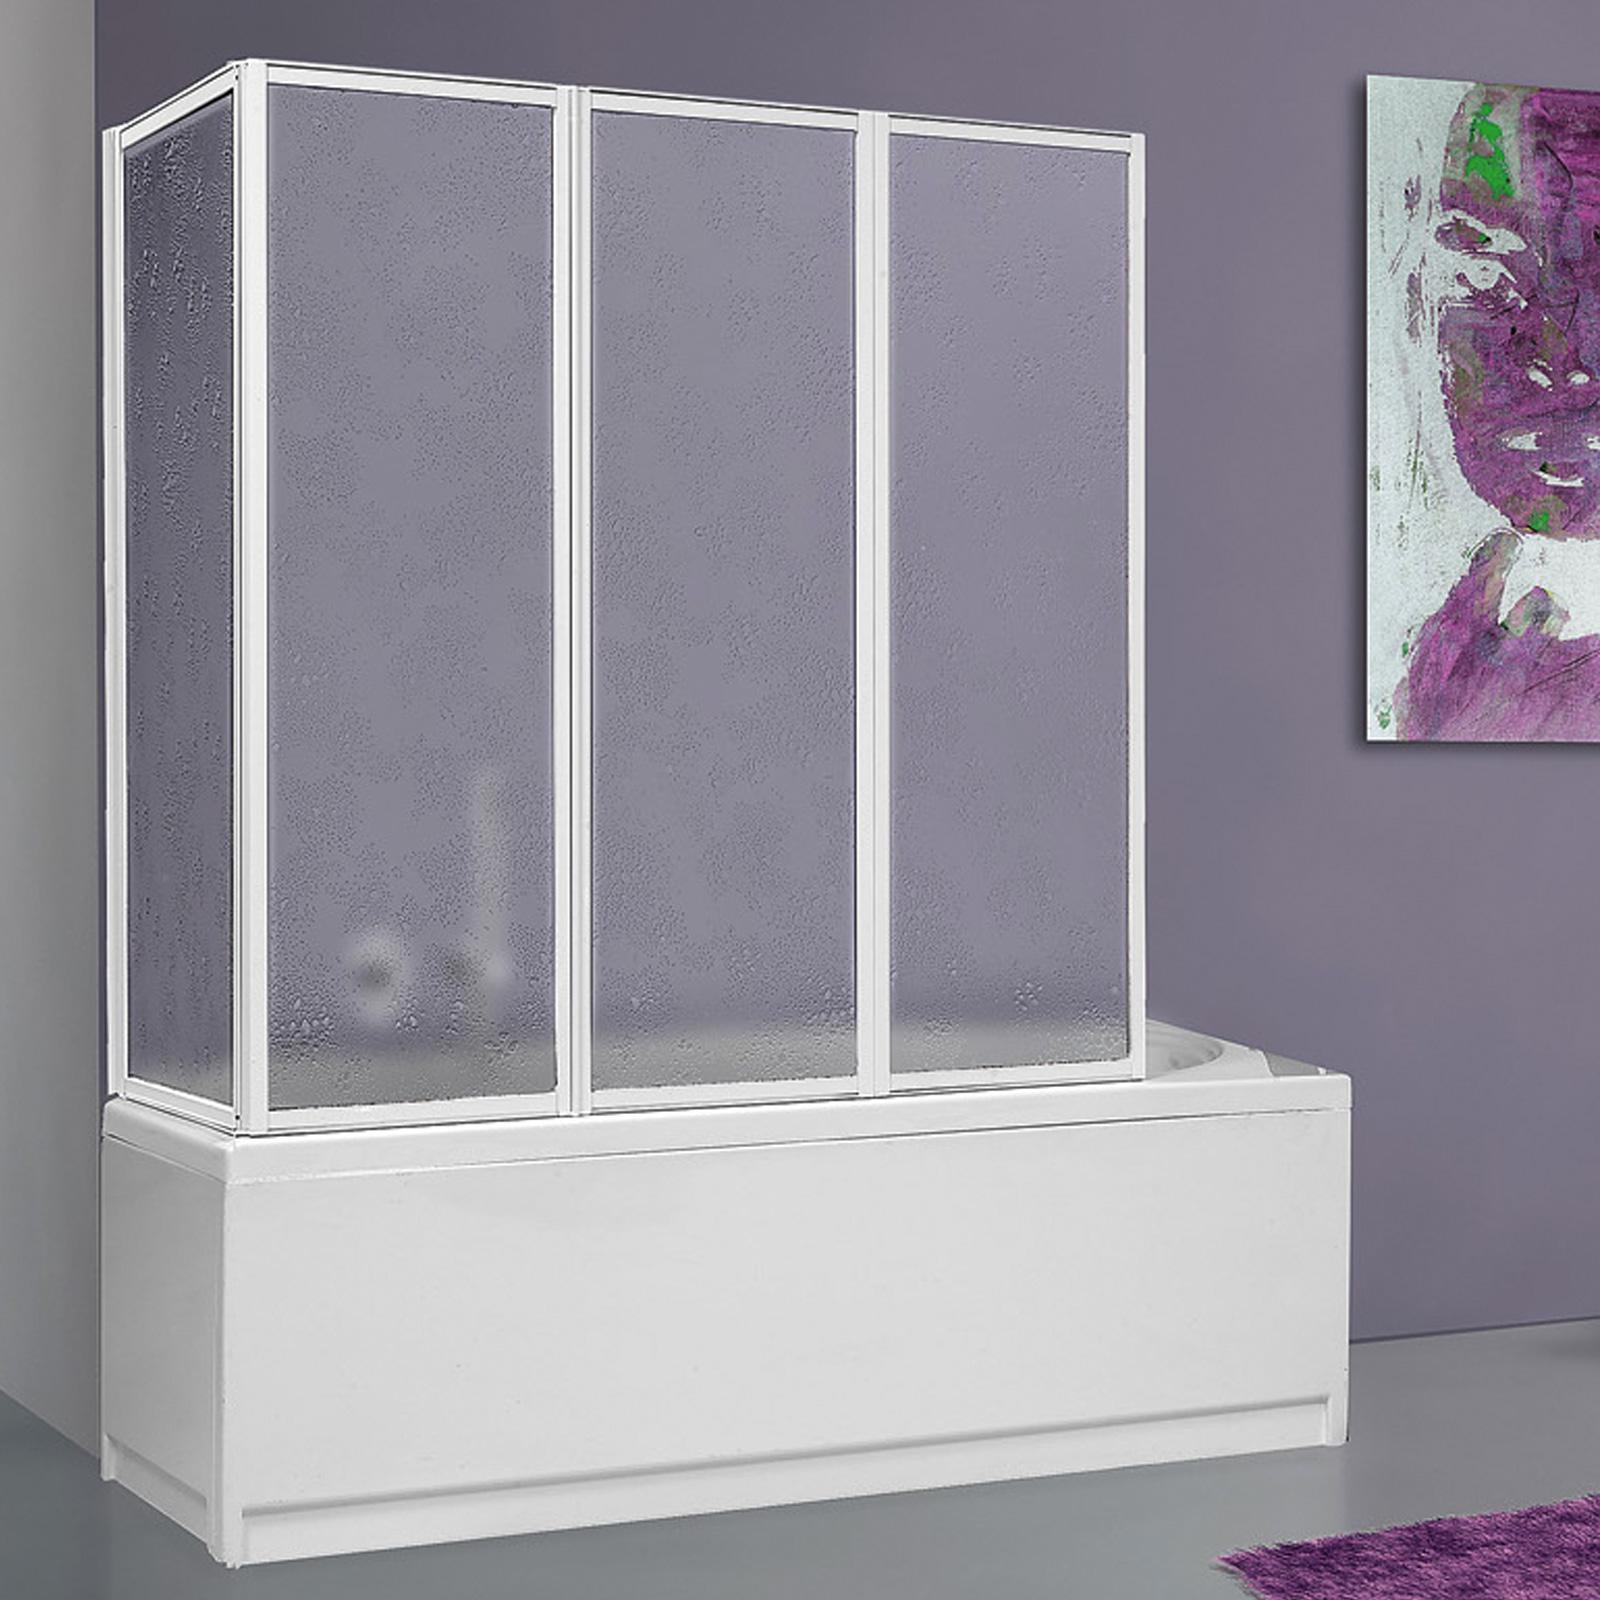 Box sopravasca 70x95 cm acrilico 2.2 mm con profili alluminio bianco